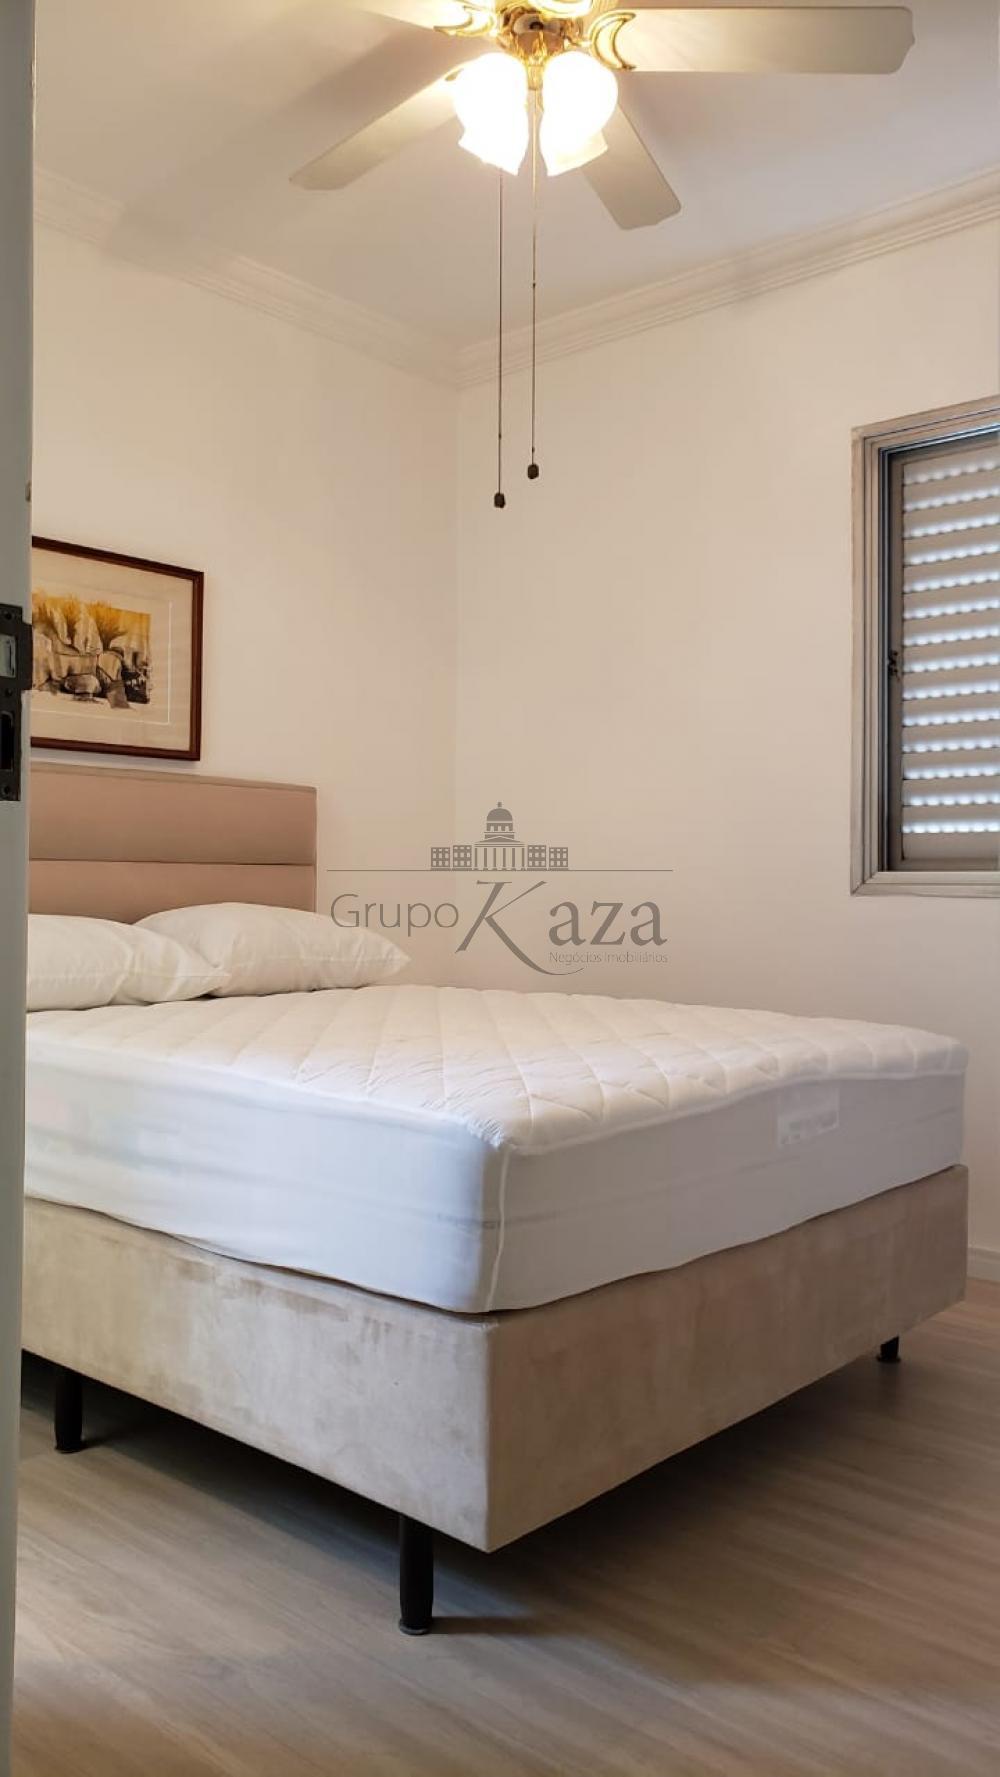 Alugar Apartamento / Padrão em São José dos Campos R$ 1.944,00 - Foto 13